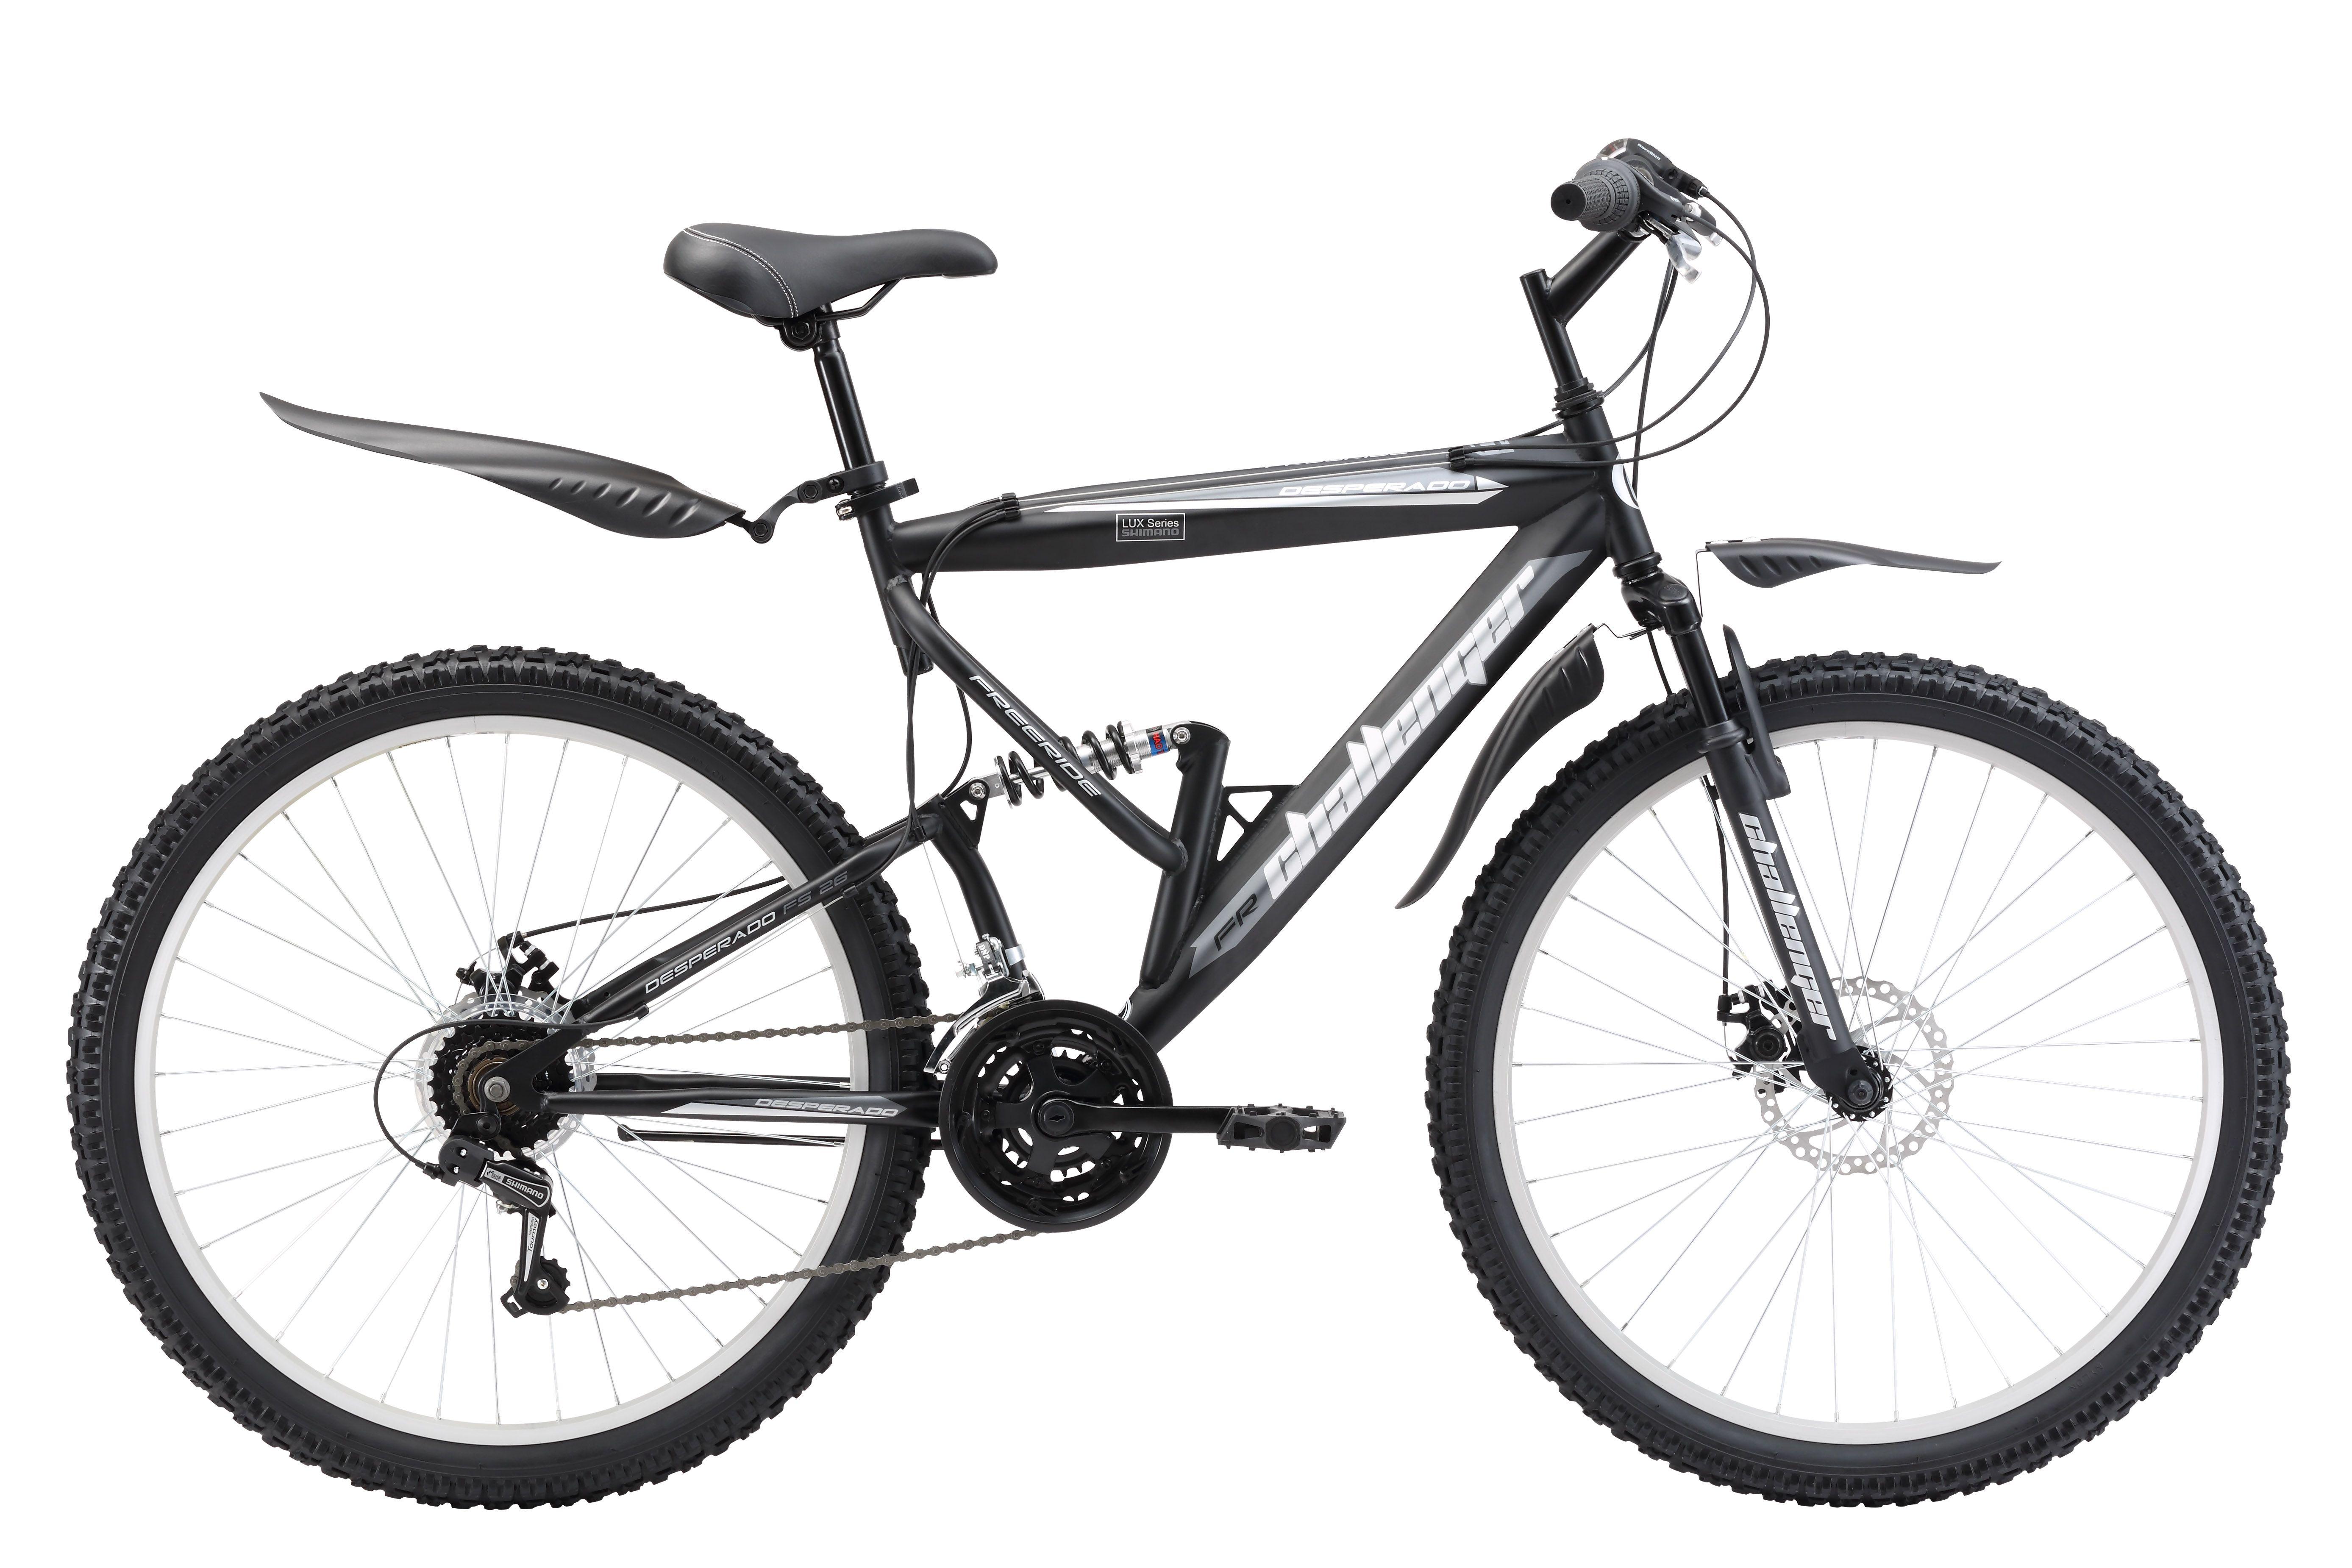 Велосипед Challenger Desperado Lux FS 26 D (2017) черно-серый 18КОЛЕСА 26 (СТАНДАРТ)<br>Велосипед двухподвес Challenger Desperado Lux FS 26 D на стальной раме отлично подходит для прогулочного катания и поездок на природу Передняя и задняя подвески оборудованы пружинными амортизаторами, которые смягчают удары от дорожного покрытия. Велосипед оснащён дисковыми механическими тормозами, которые хорошо служат на бездорожье. Трансмиссия велосипеда имеет 18 скоростей, что позволяет подобрать оптимальную нагрузку, с помощью переключателей Shimano. В комплекте с велосипедом идут пластиковые крылья и подножка, что делает велосипед Challenger Desperado Lux FS 26 D ещё комфортнее.<br><br>бренд: CHALLENGER<br>год: 2017<br>рама: Сталь (Hi-Ten)<br>вилка: Амортизационная (пружина)<br>блокировка амортизатора: Нет<br>диаметр колес: 26<br>тормоза: Дисковые механические<br>уровень оборудования: Начальный<br>количество скоростей: 18<br>Цвет: черно-серый<br>Размер: 18